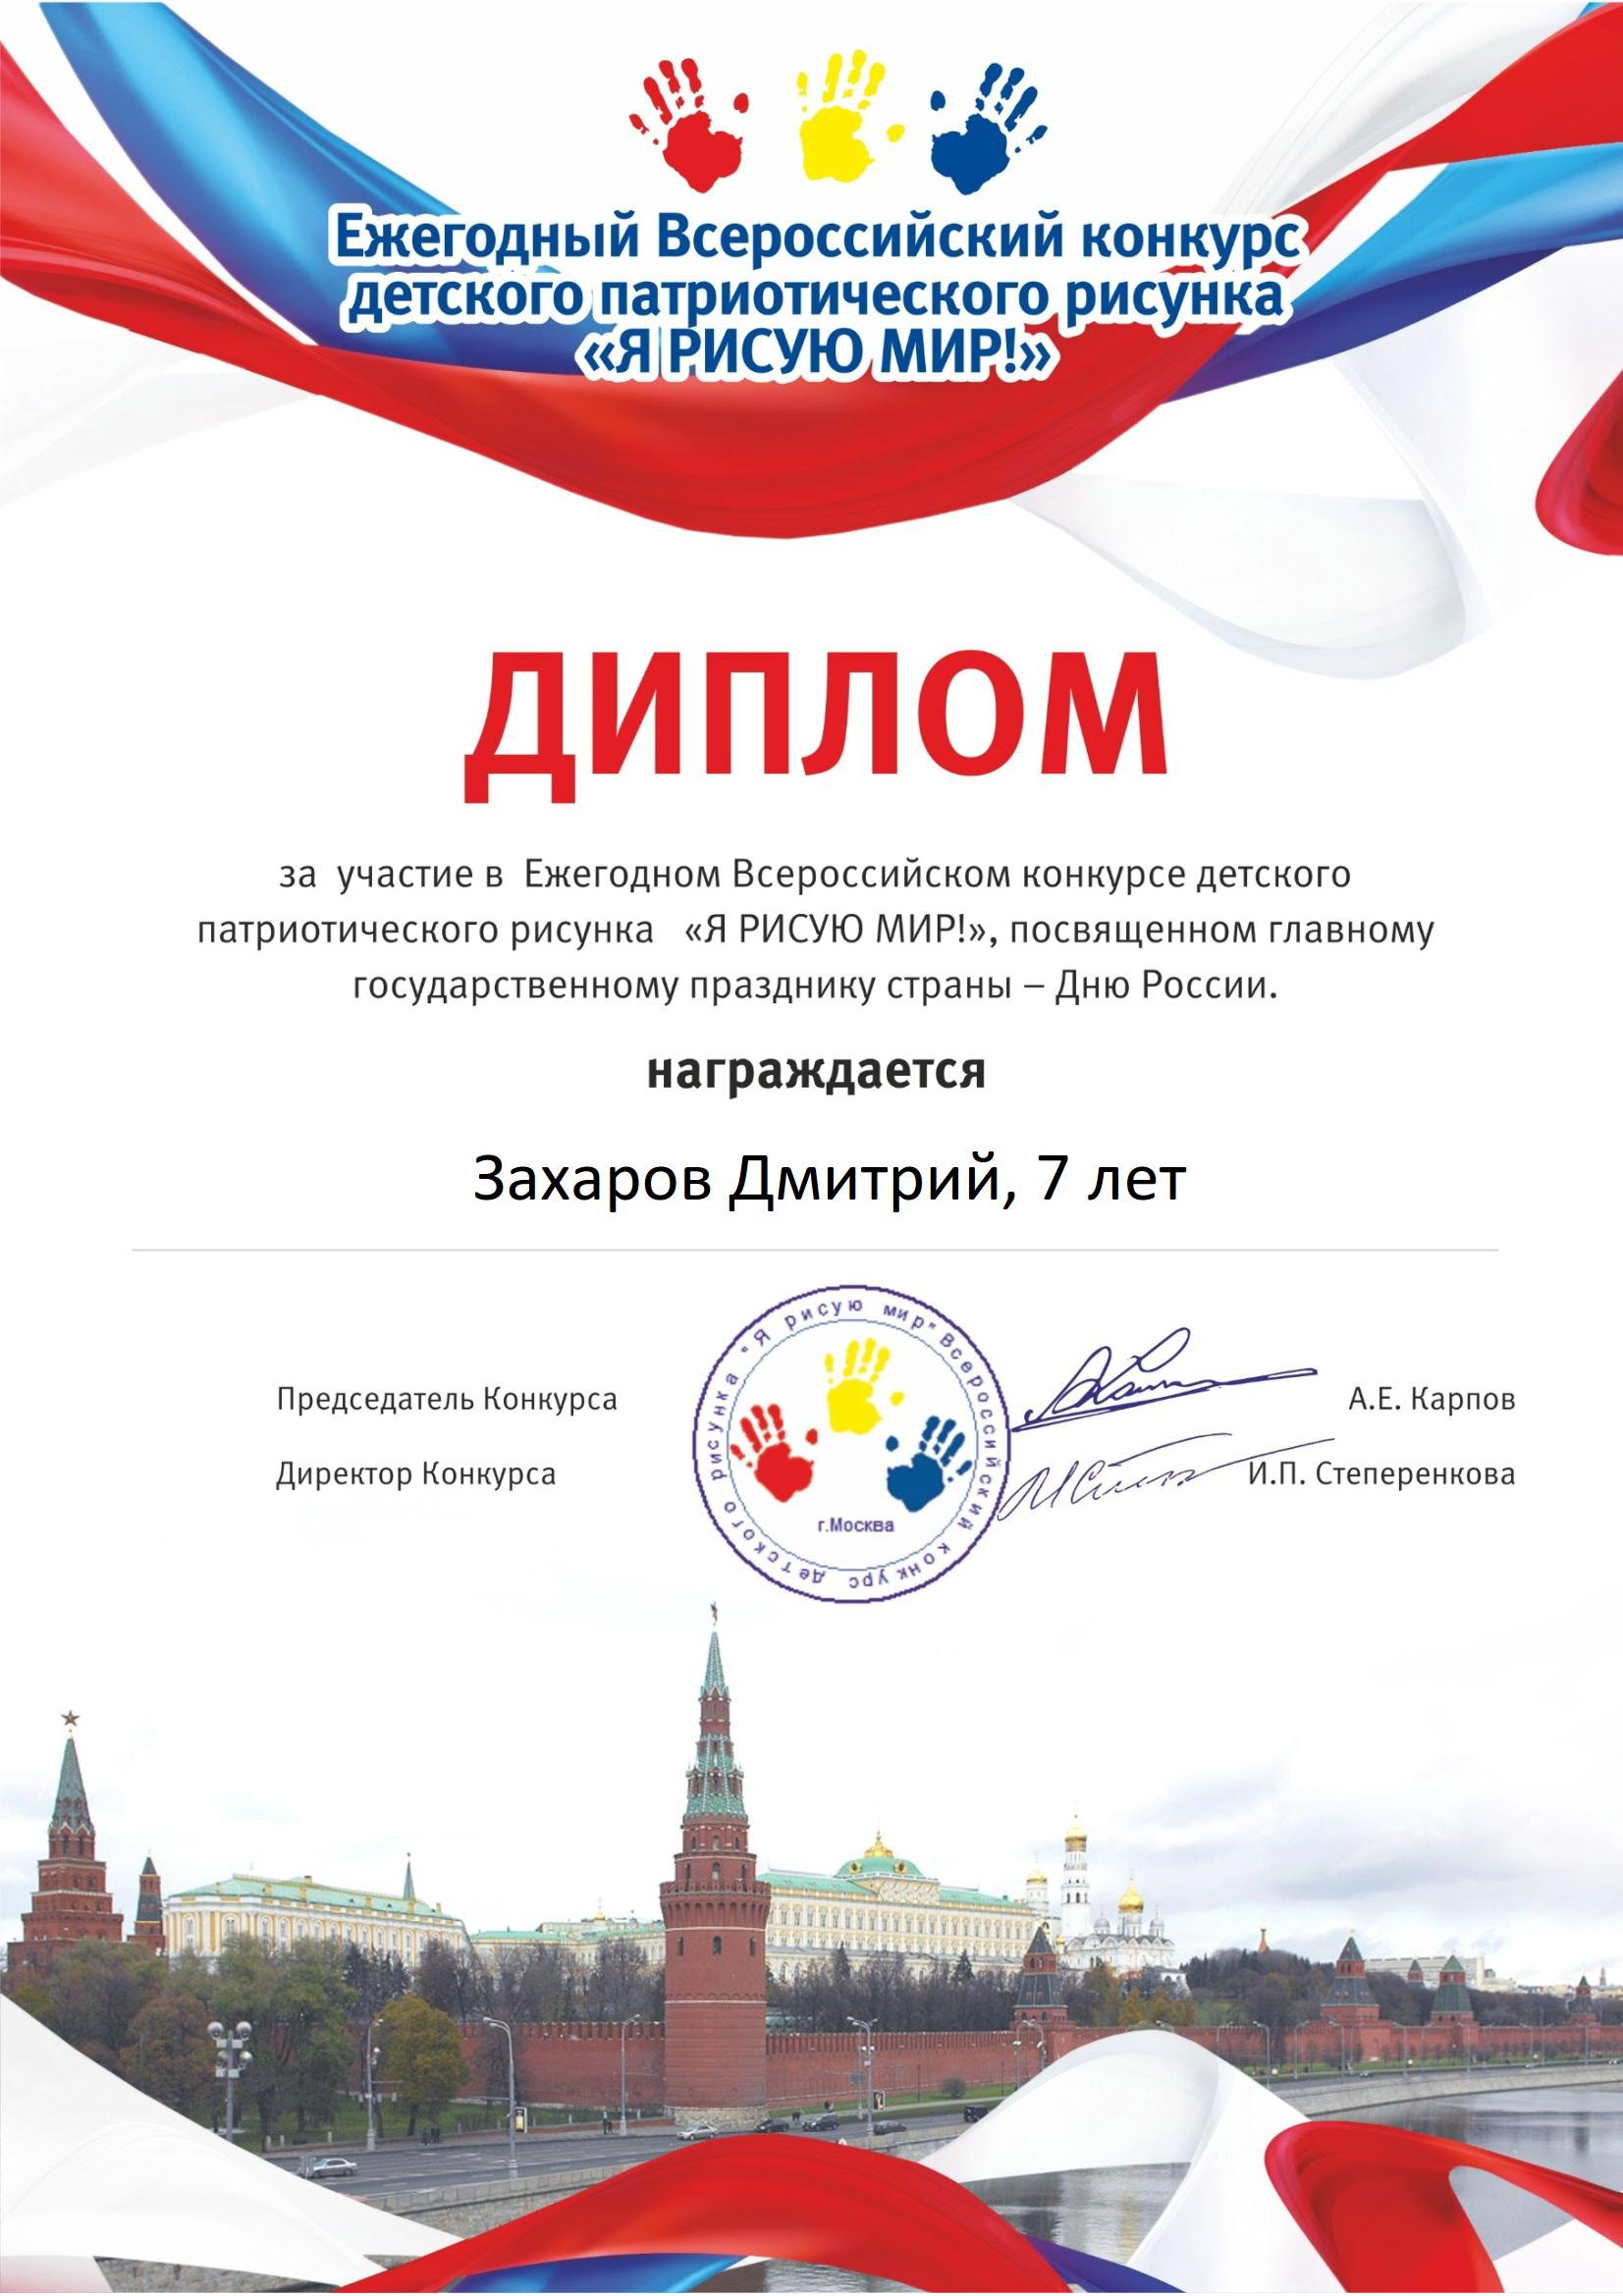 Мы были на конкурсе открытая россия